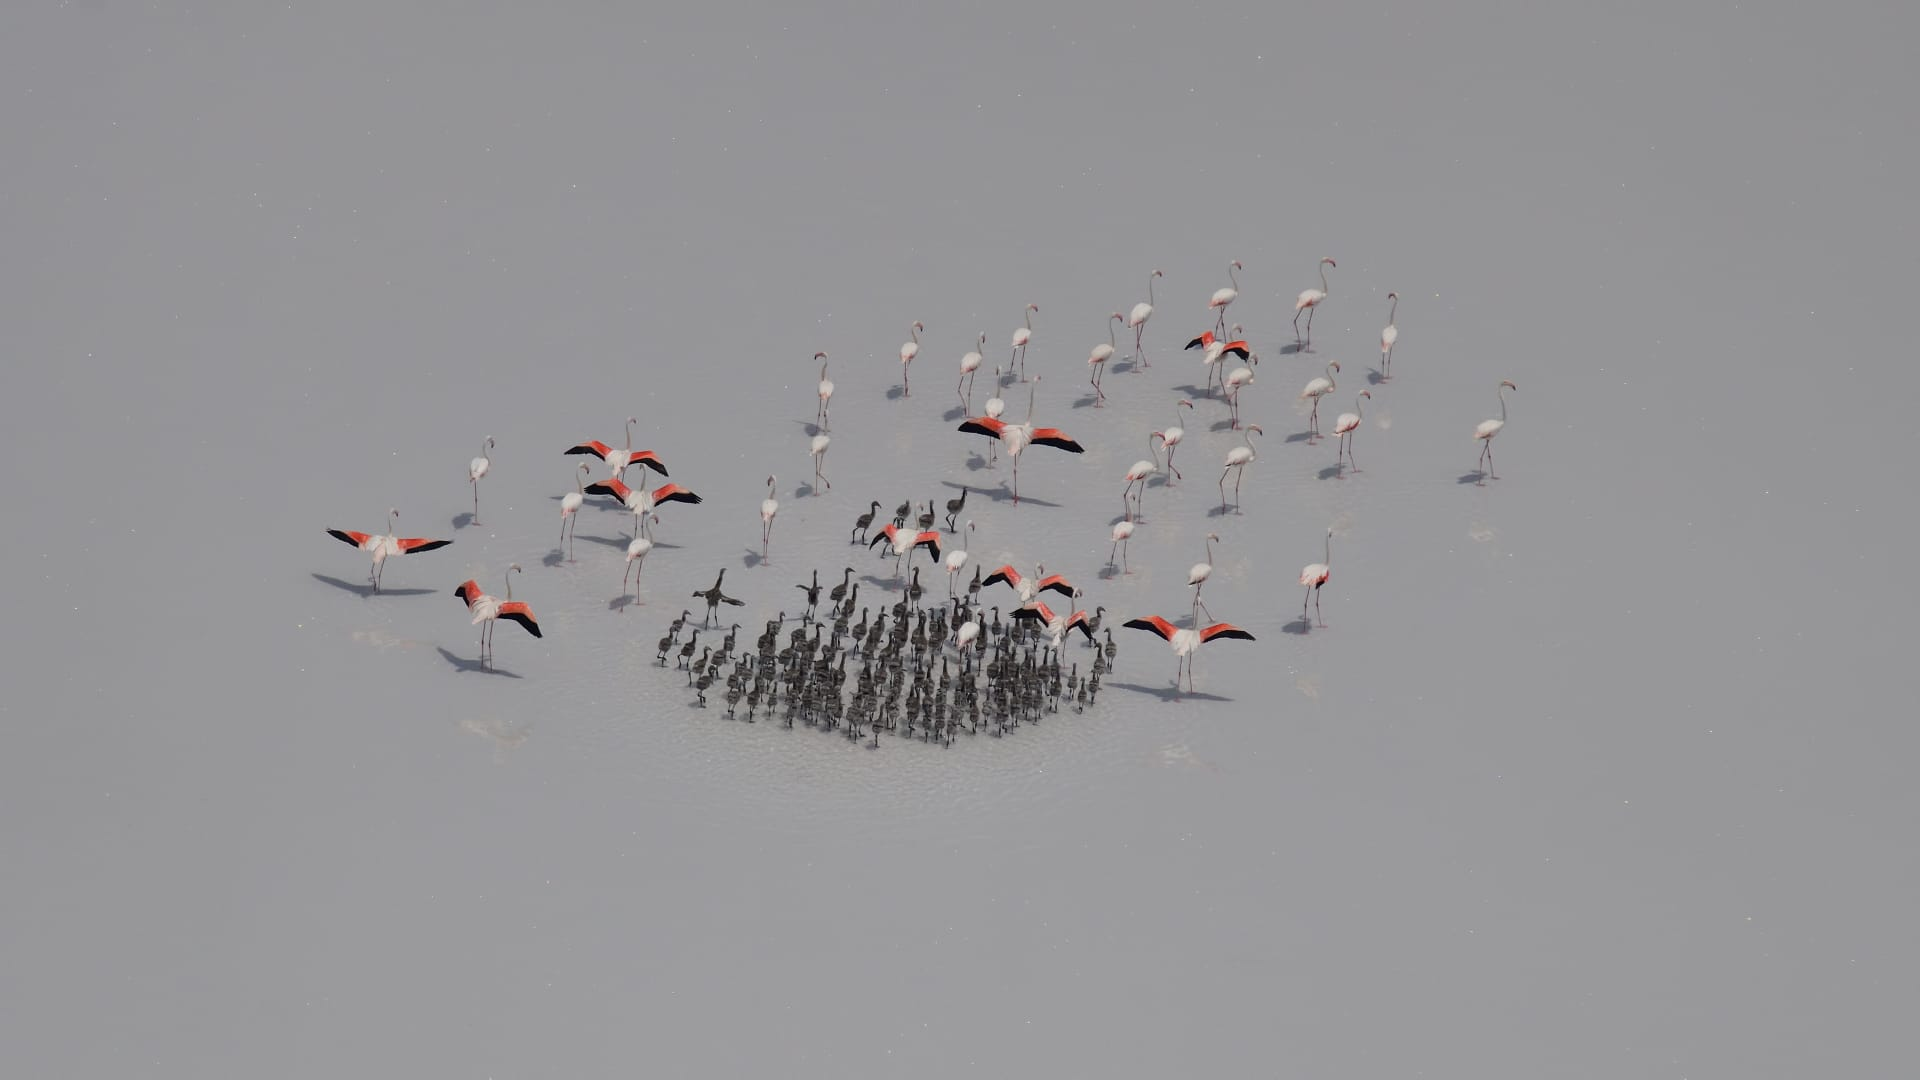 tuz-golunun-yavru-flamingolari-yumurtadan-cikti-002.jpg